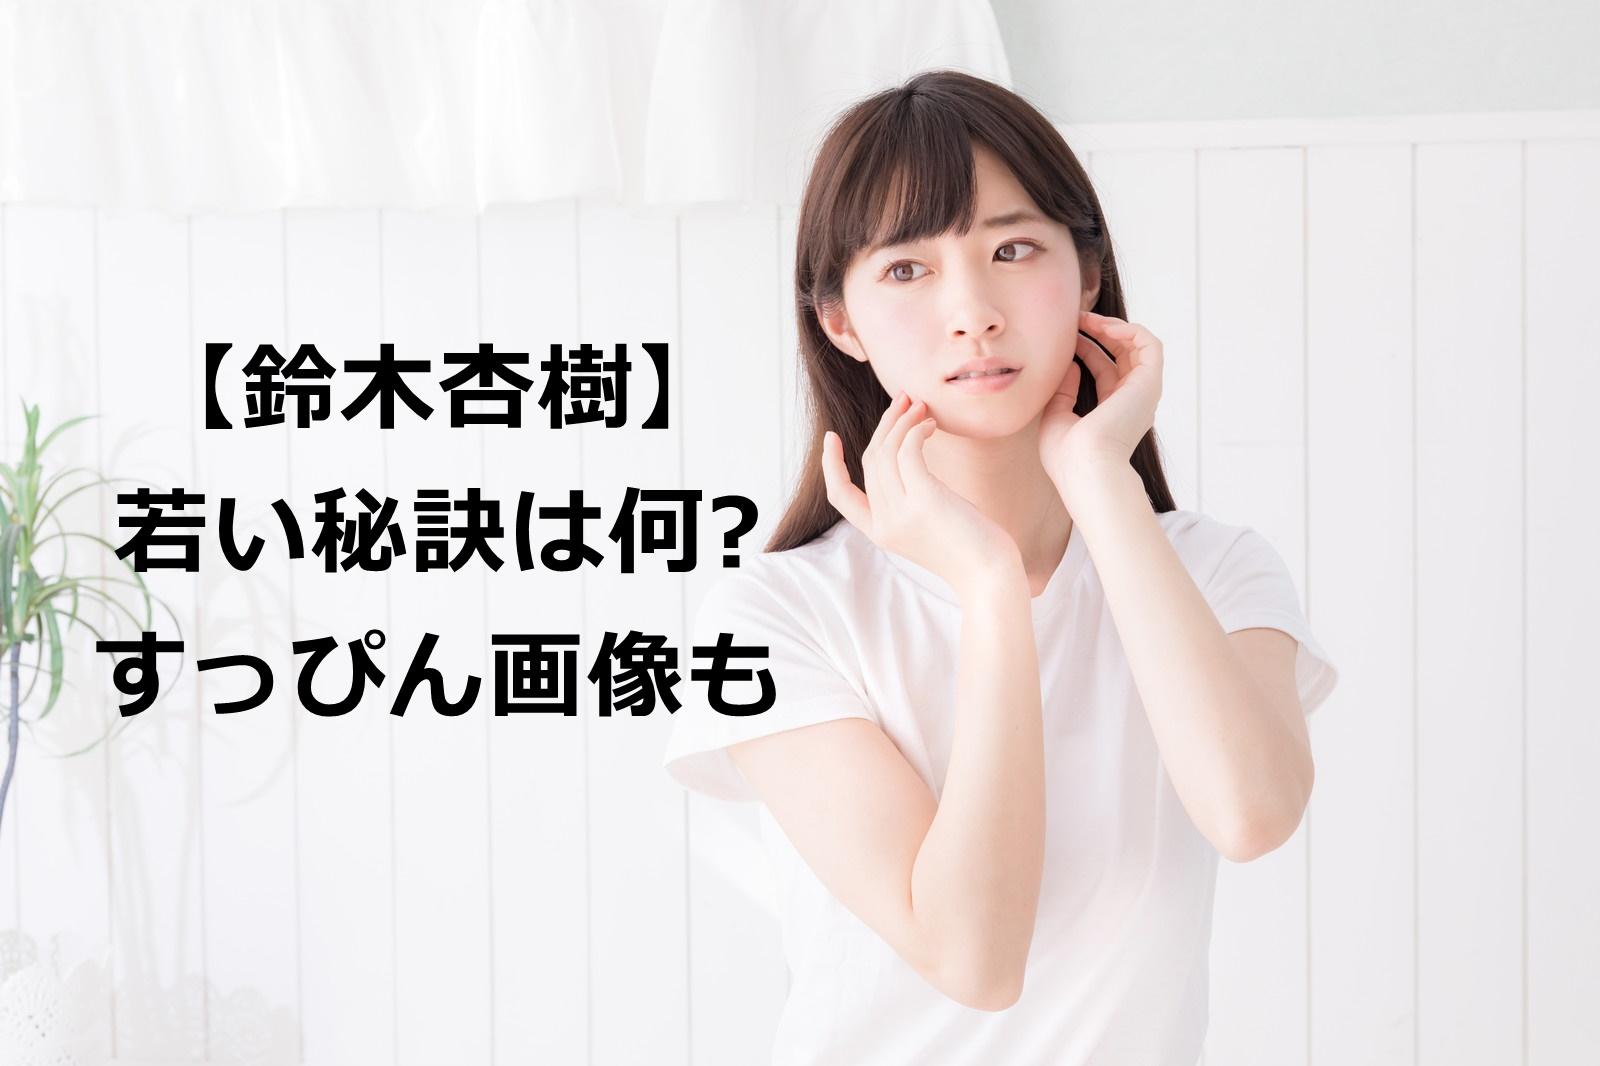 鈴木杏樹は50代⁈かわいい秘訣は何?美容法やすっぴん画像 | しきの部屋